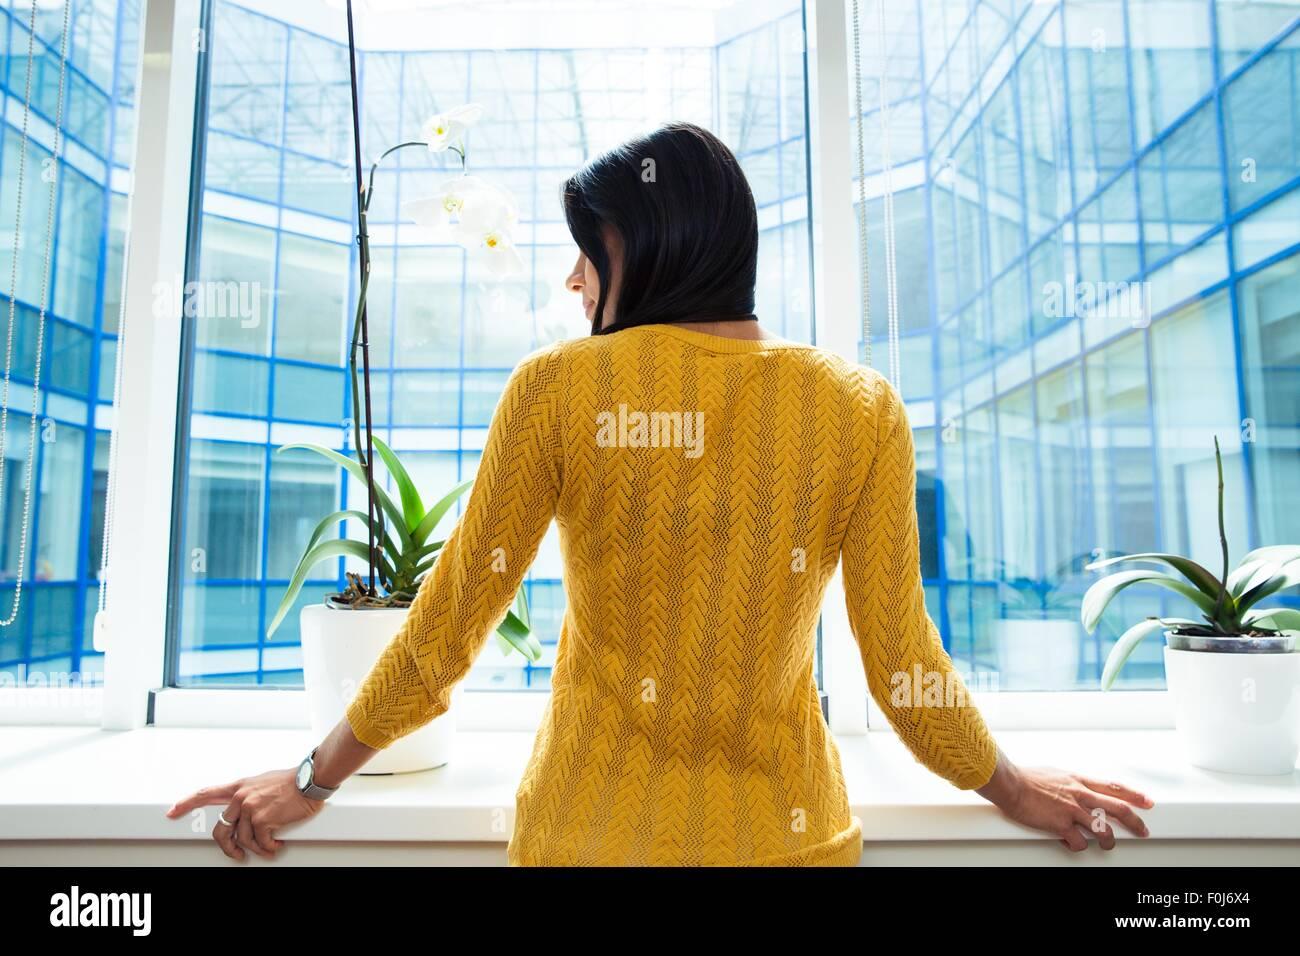 Rückansicht Porträt eine Geschäftsfrau, stehend im Büro in der Nähe von Fenster Stockbild